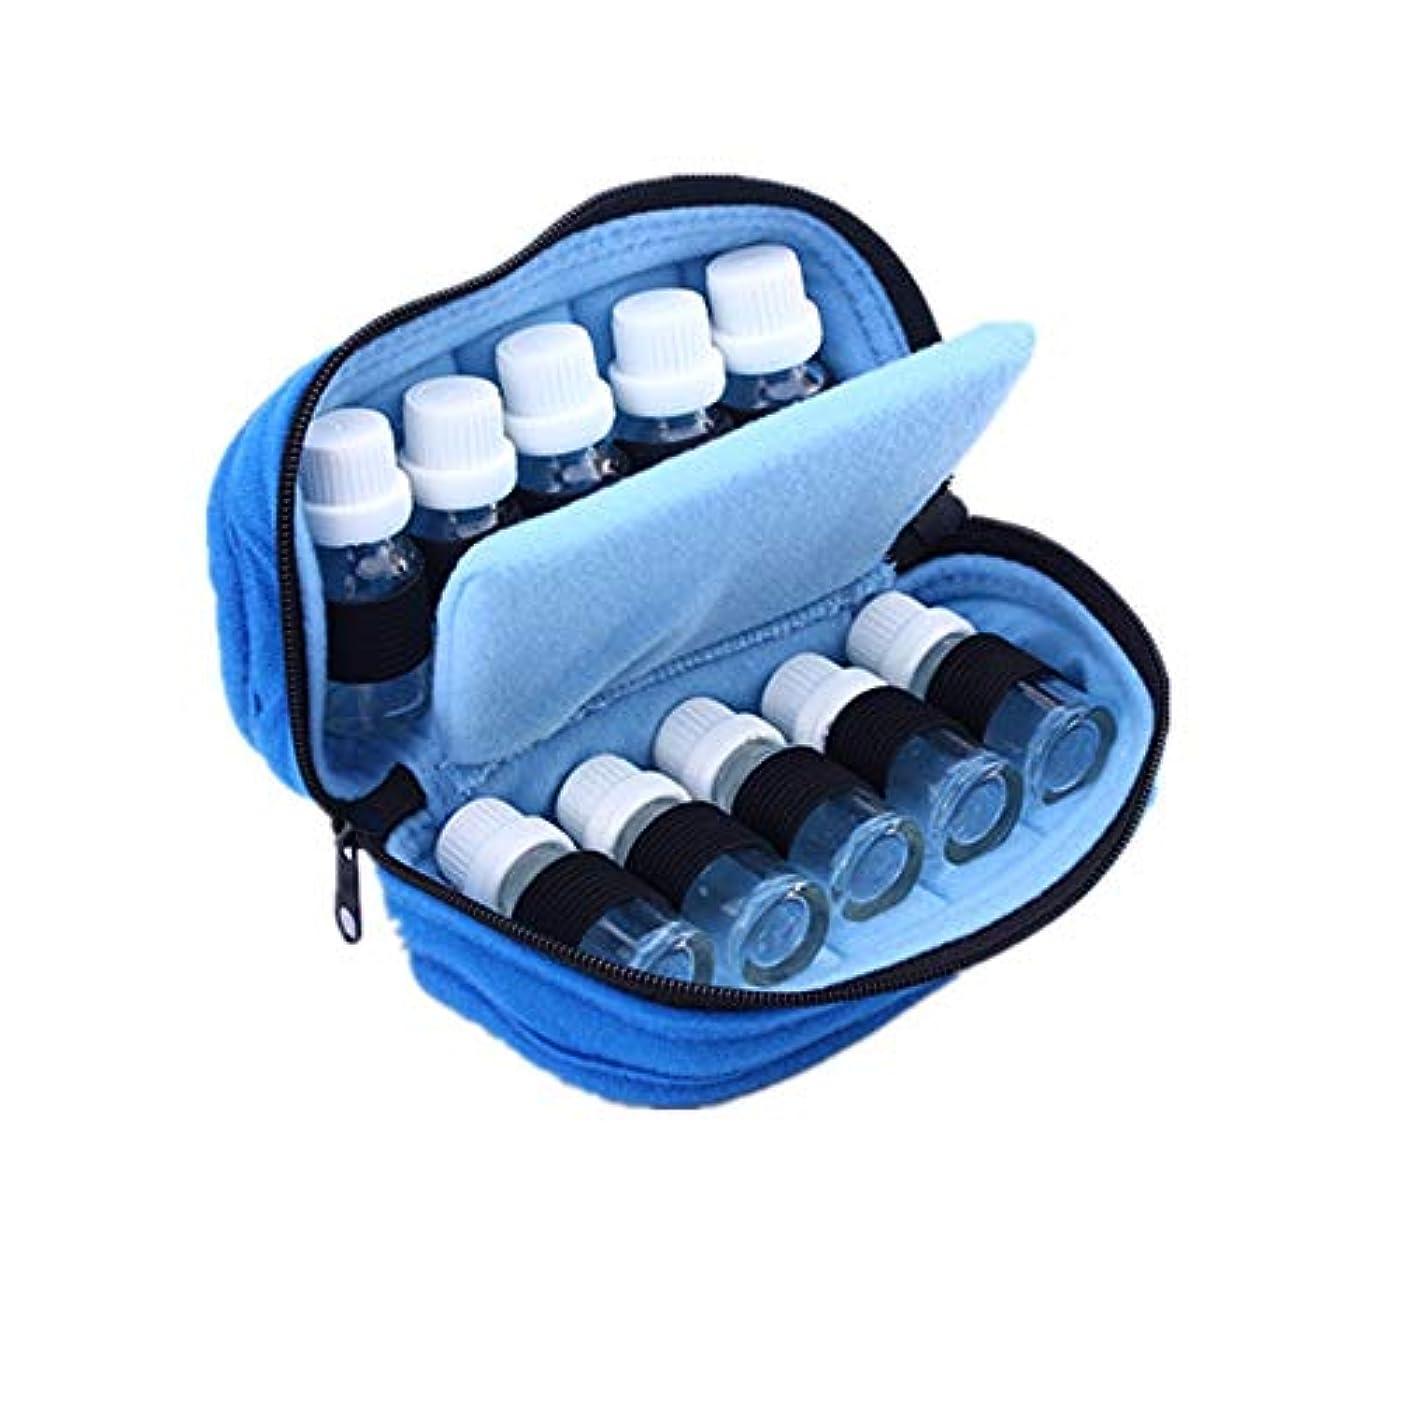 まさに社会信仰エッセンシャルオイルボックス エッセンシャルオイルのスーツケース収納袋10の15ミリリットルボトル用トラベルオーガナイザーバッグ アロマセラピー収納ボックス (色 : 青, サイズ : 18X10X7.5CM)